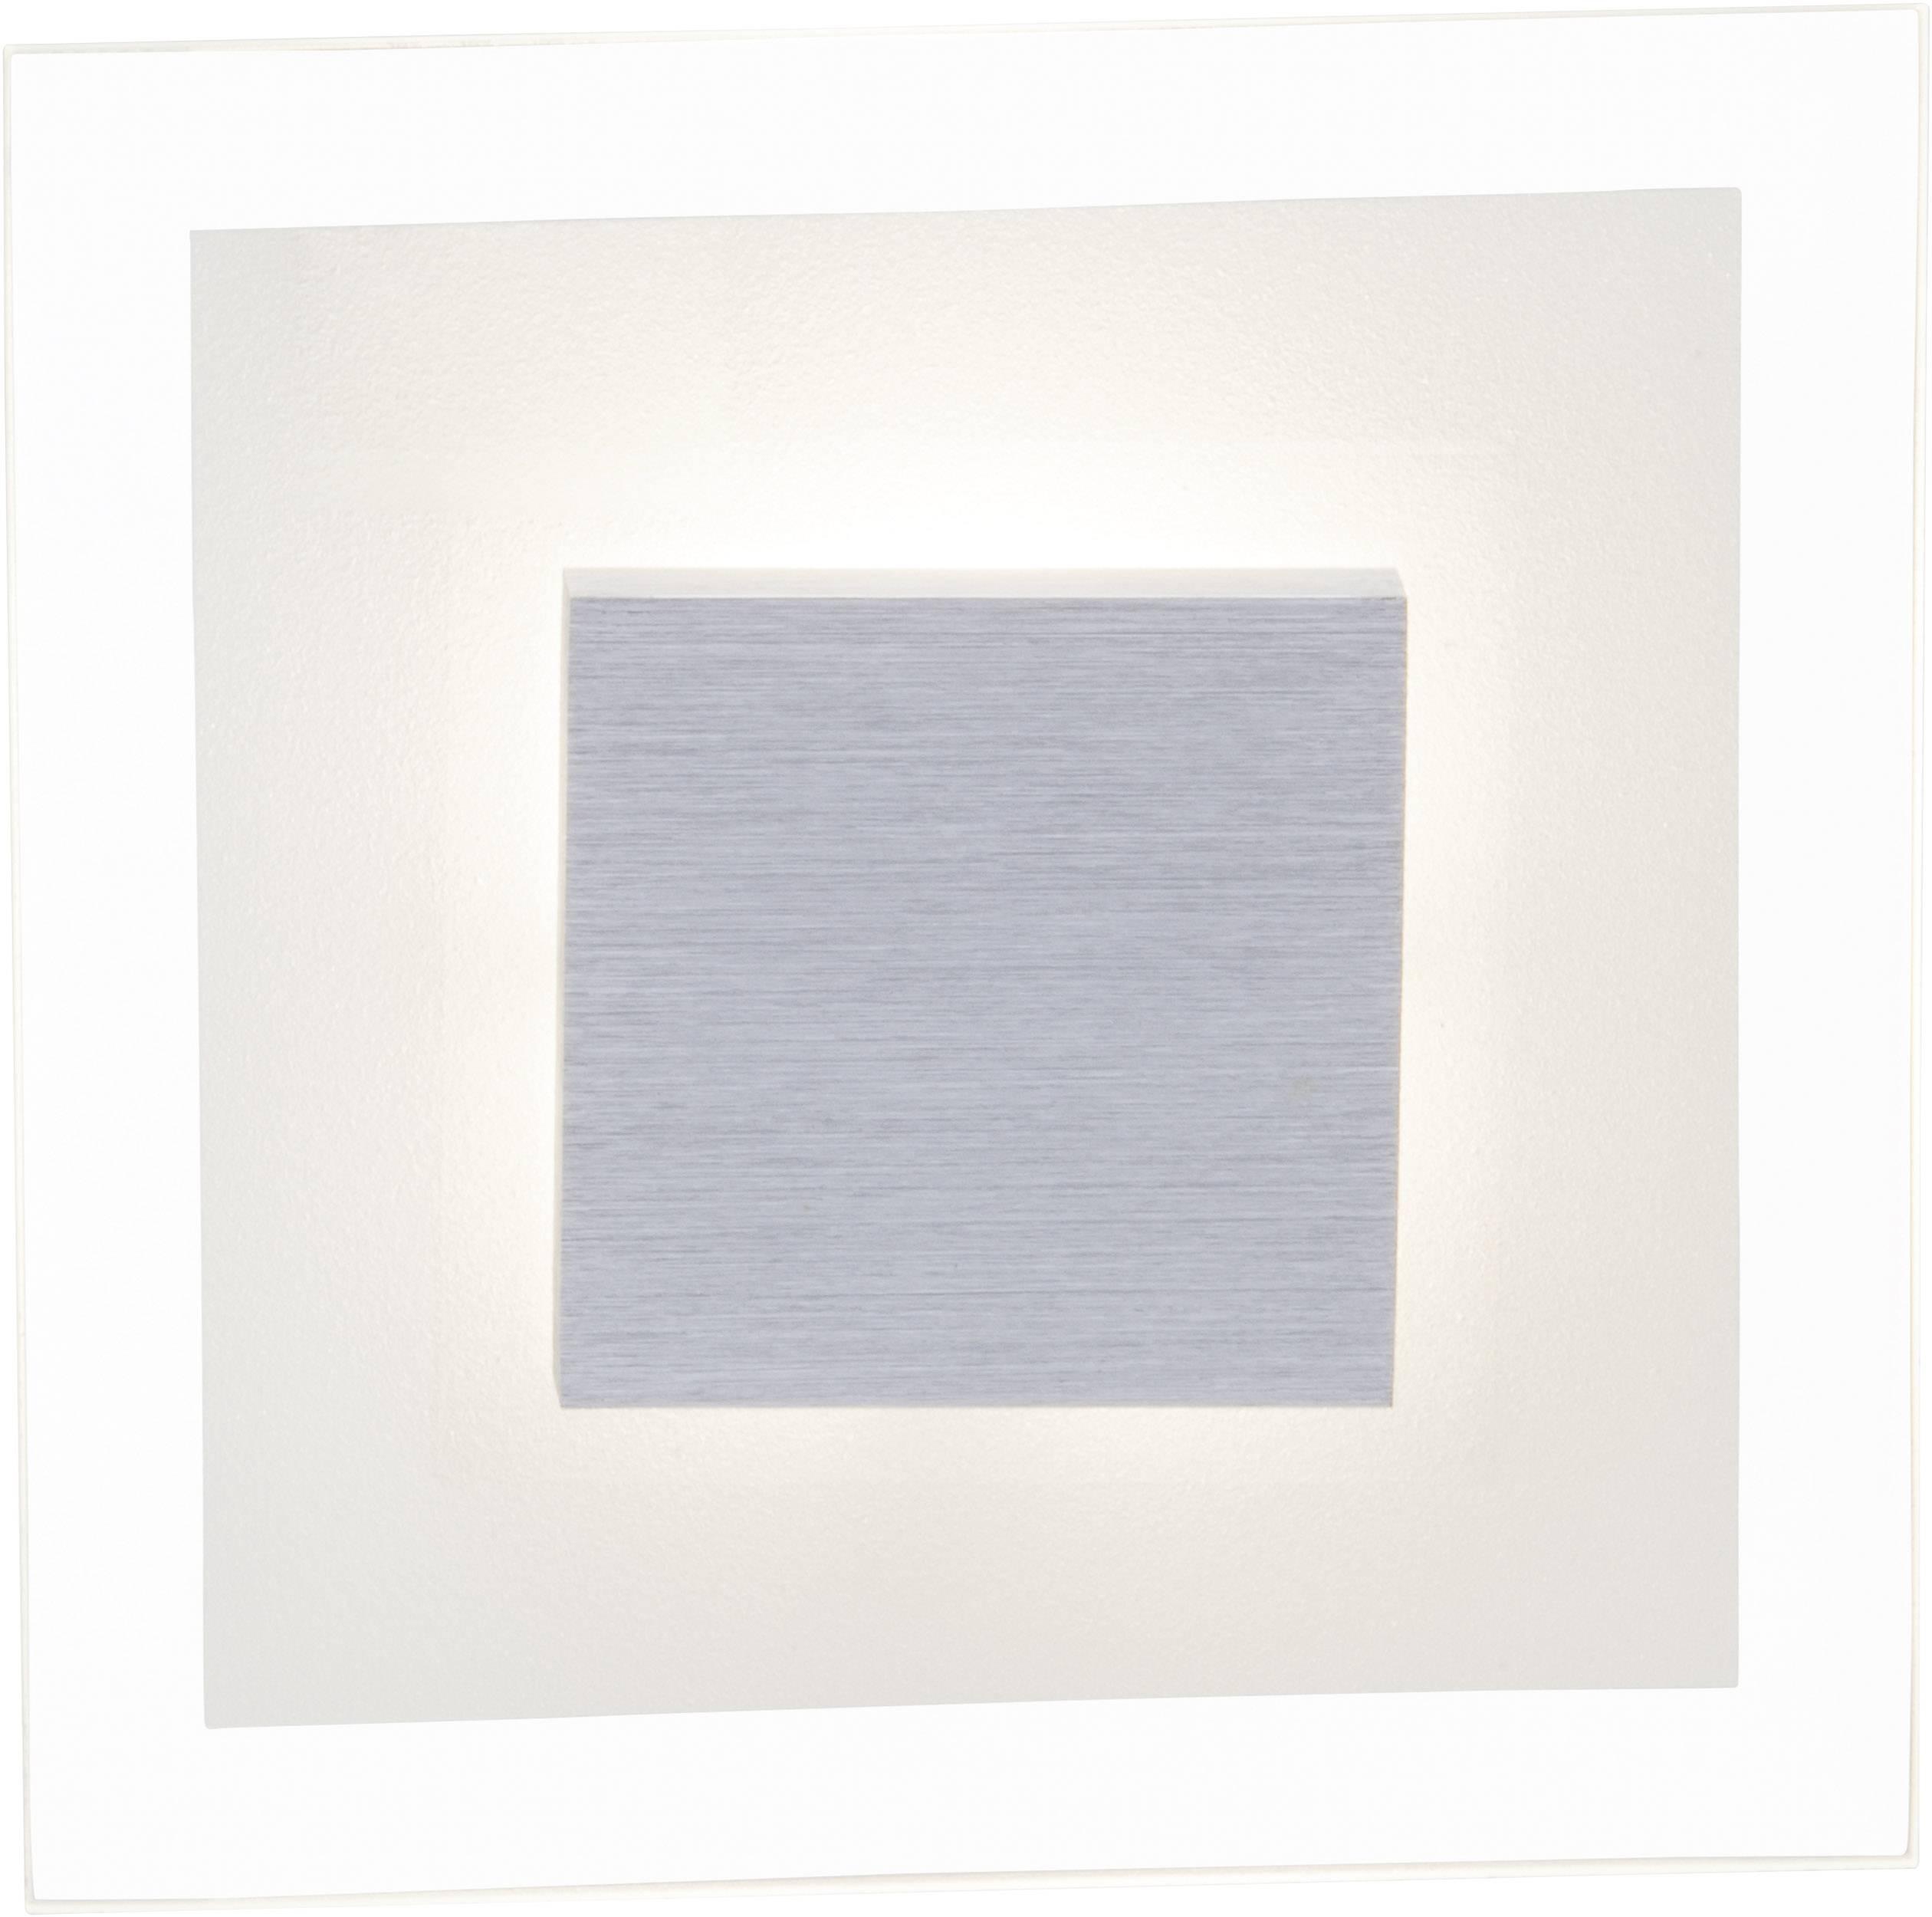 LED nástenné svetlo Brilliant Budimpešta G94248/70, 5 W, teplá biela, chróm, priehľadná